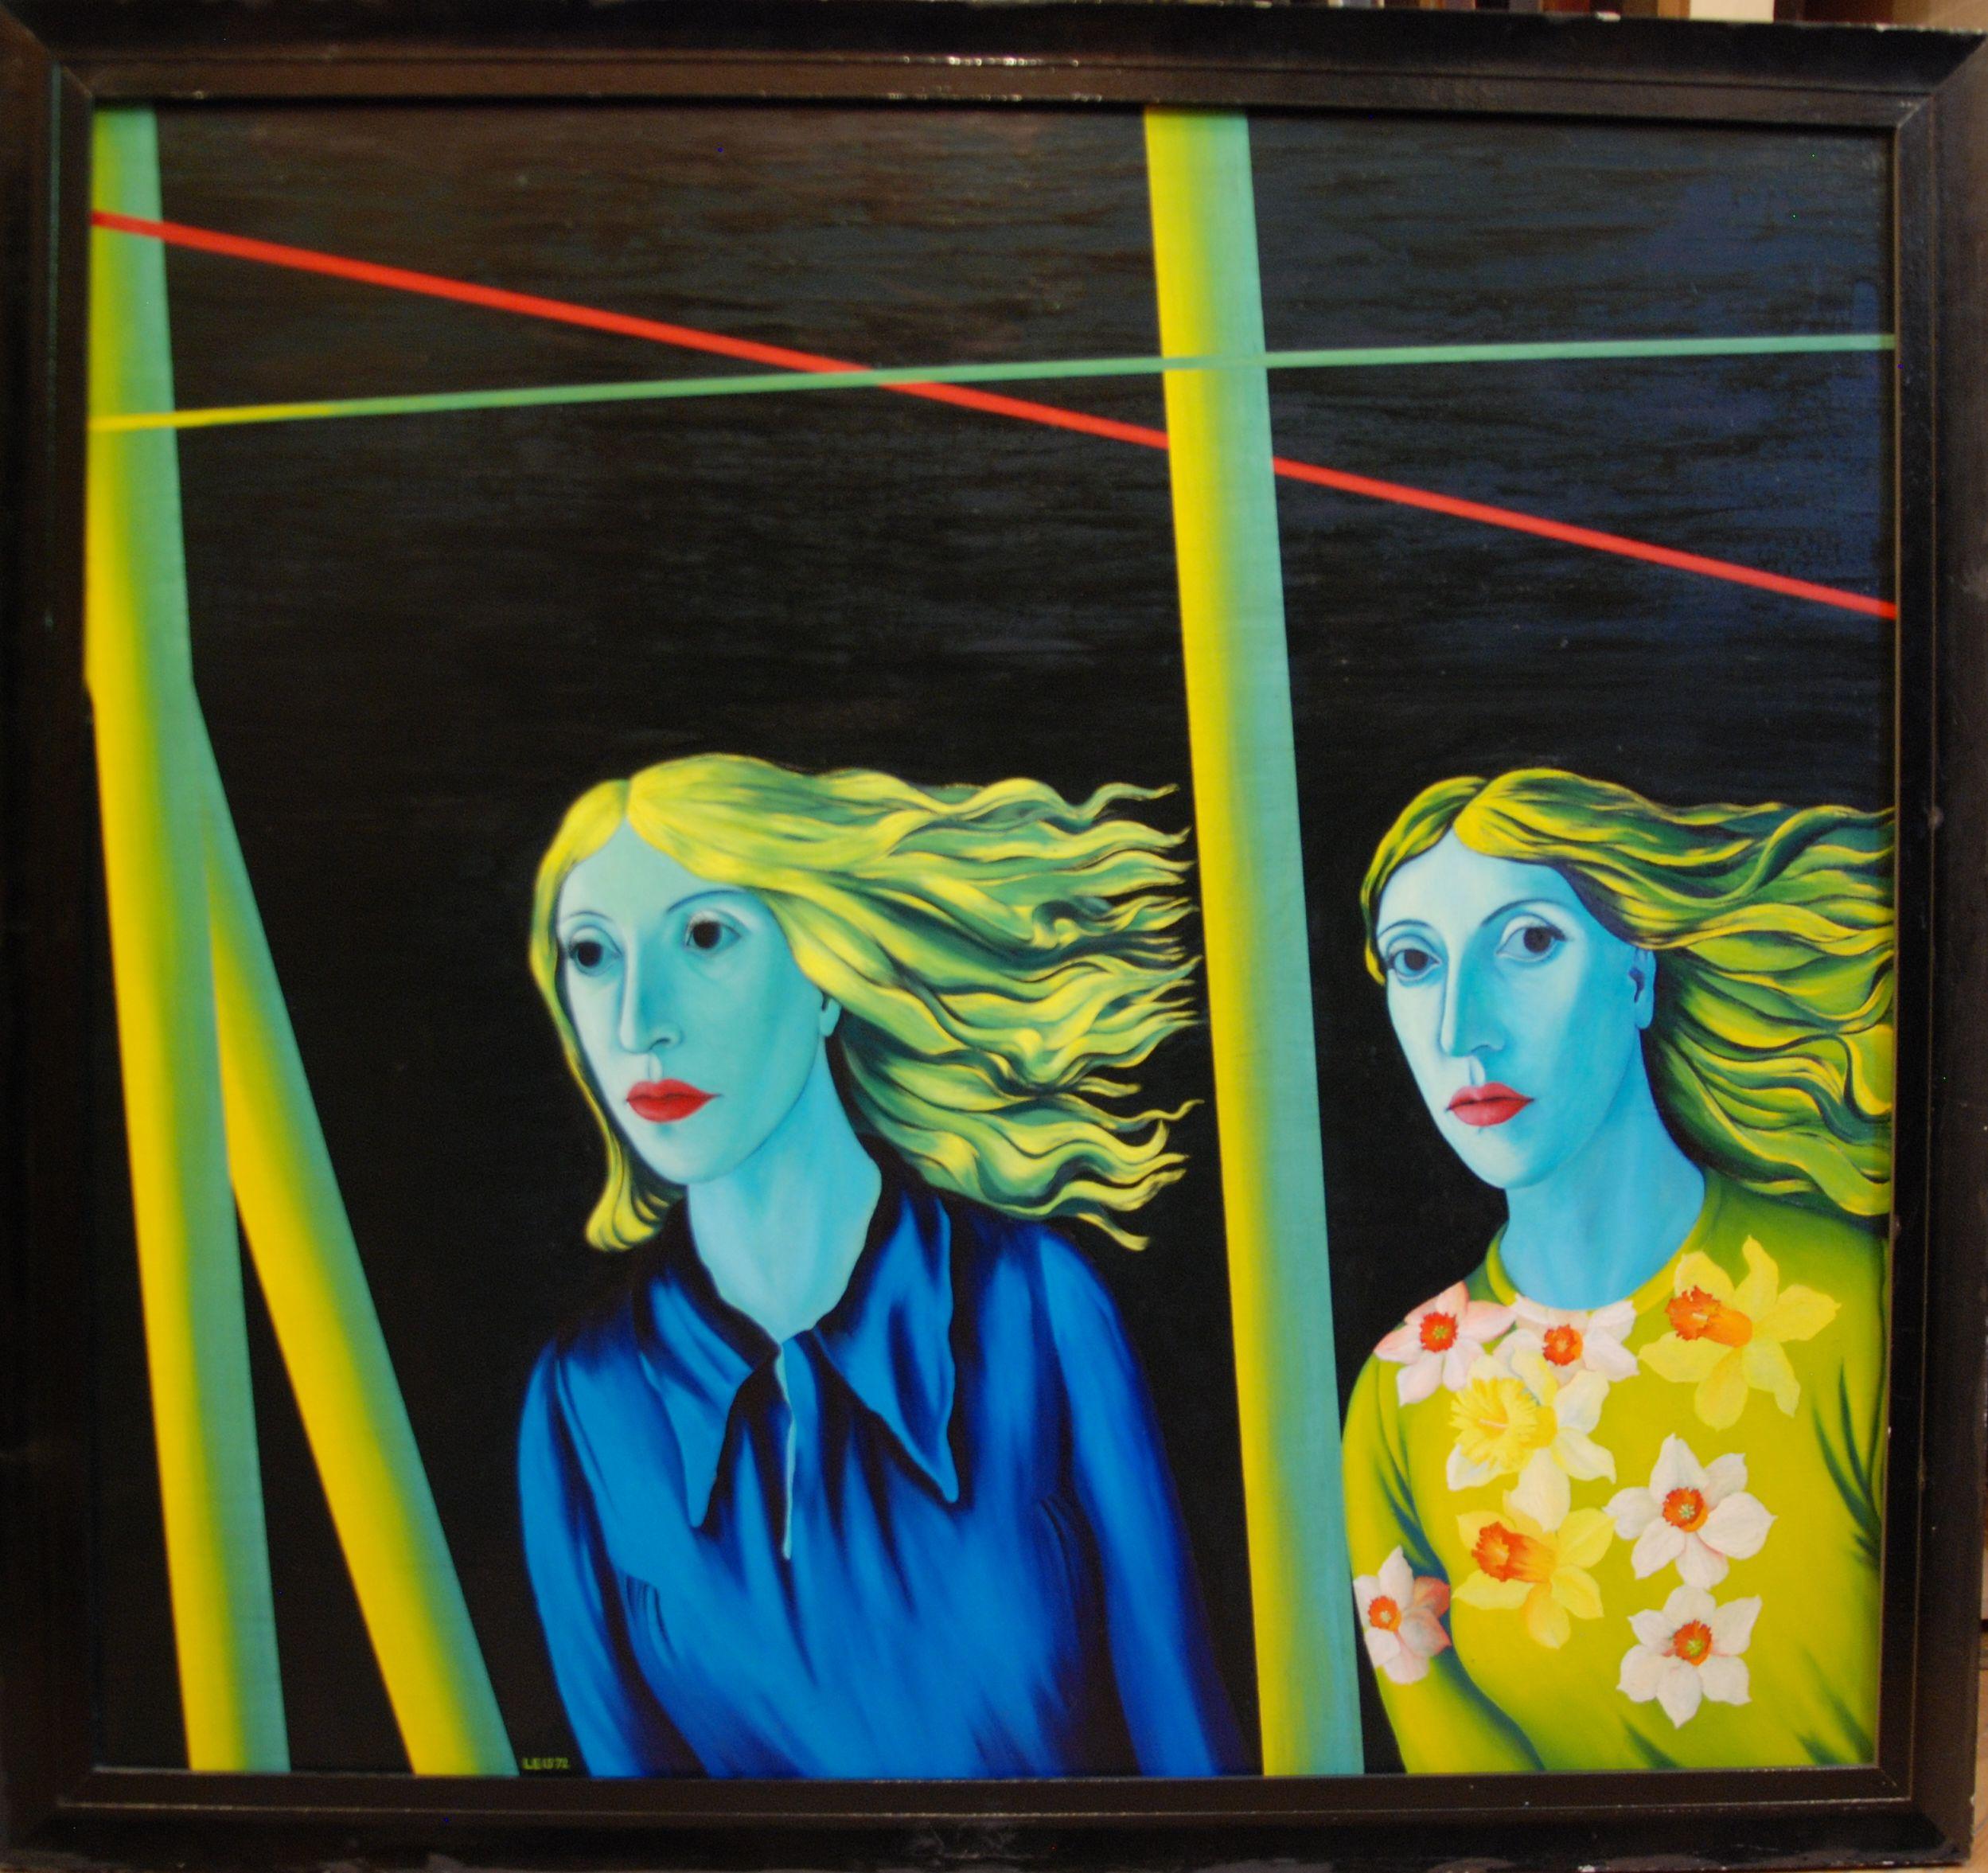 Malle Leis. Tüdrukud. 1972. Tartu Kunstimuuseum